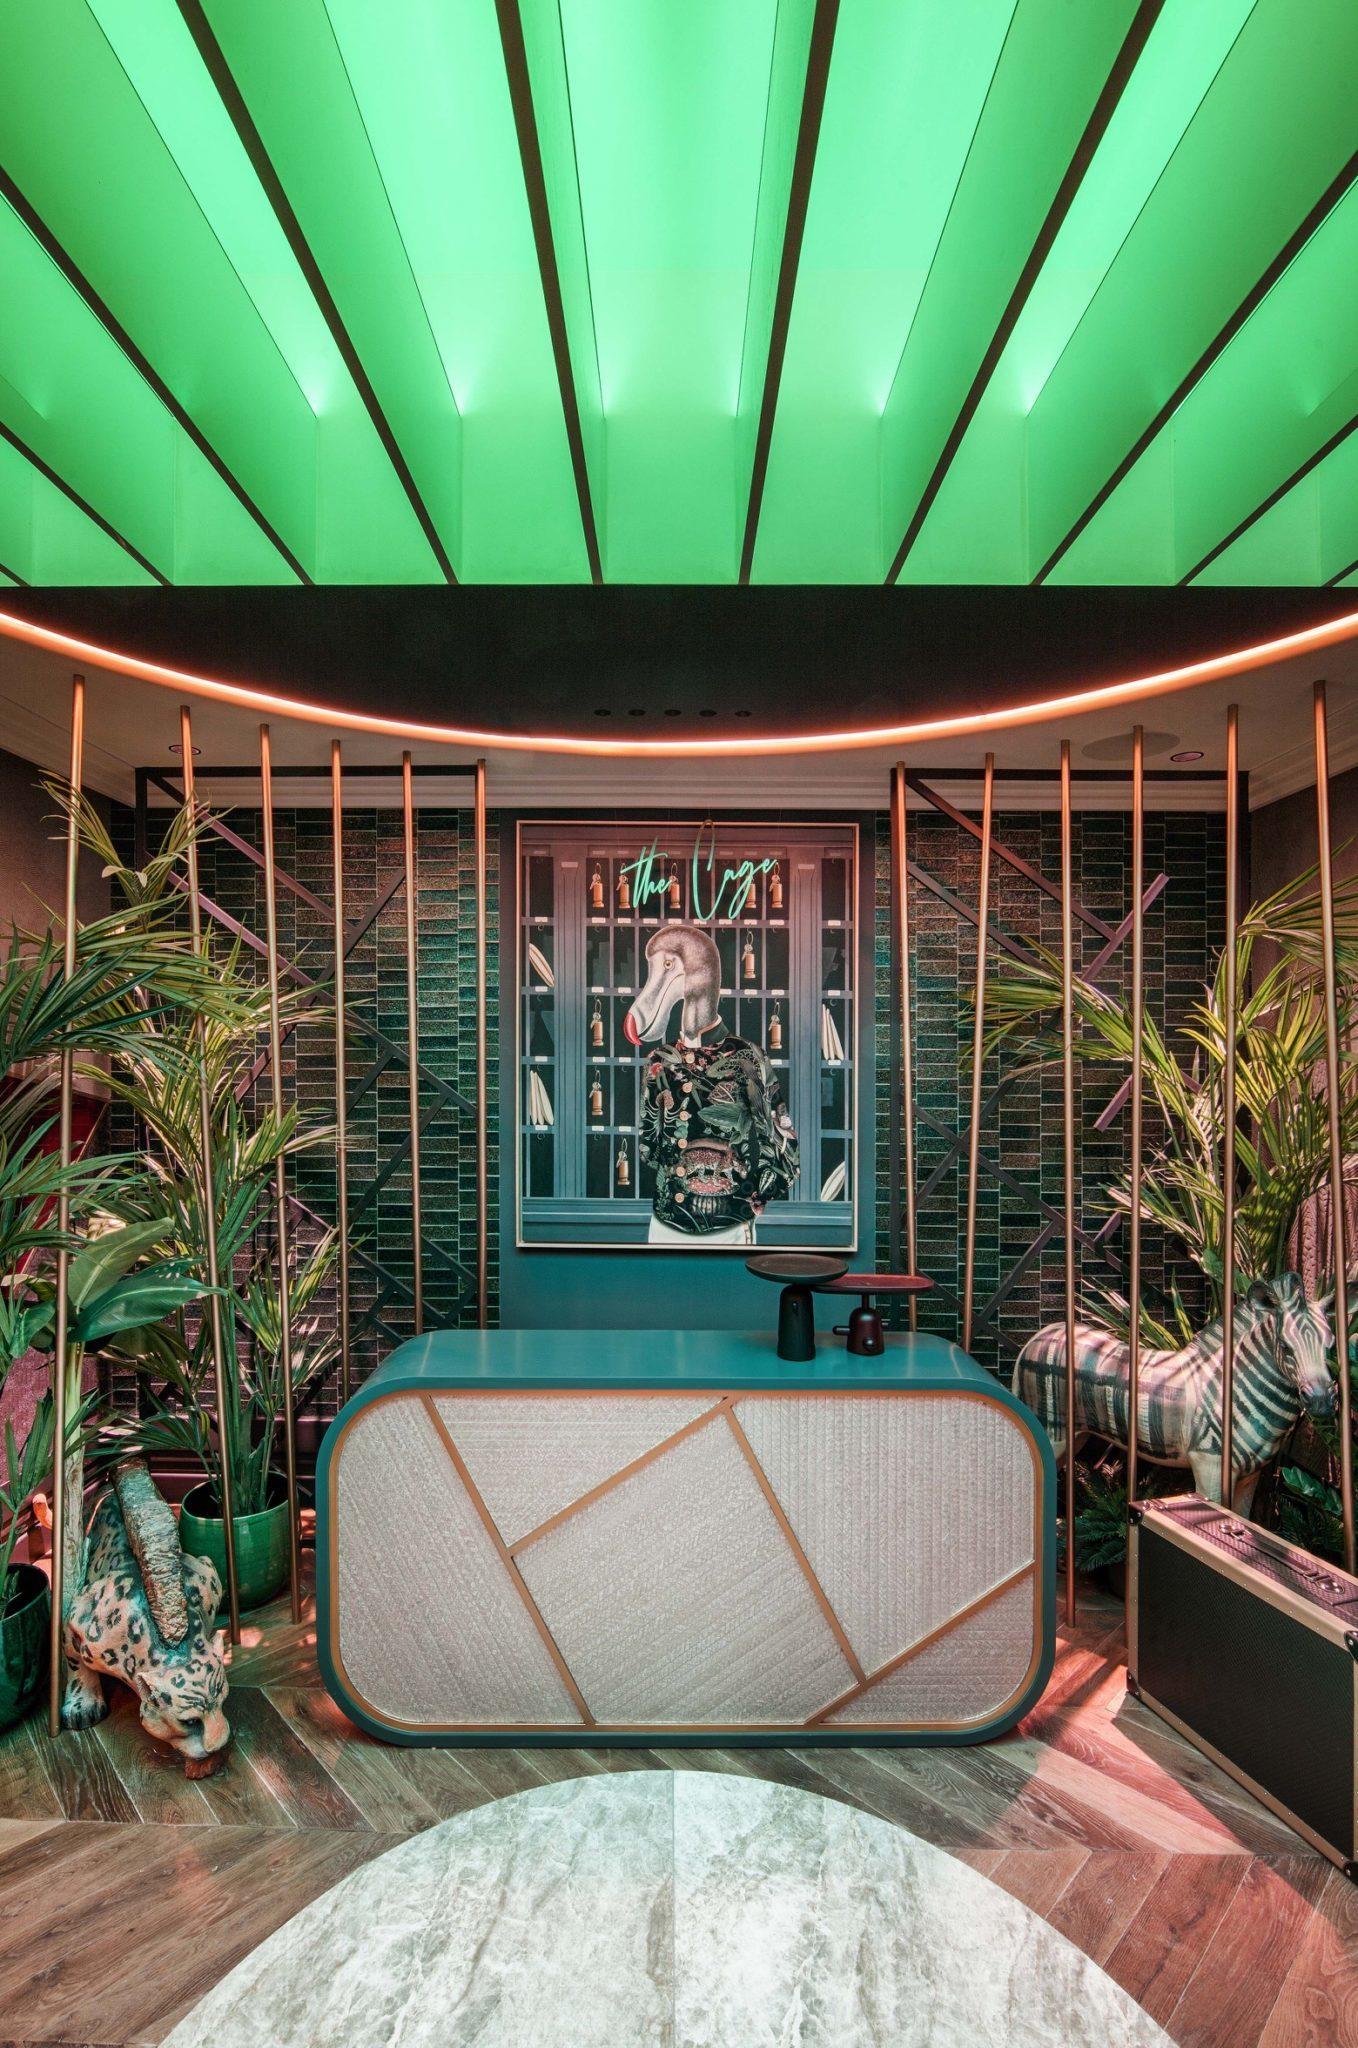 PICTOCLUB CREA GRAND HOTEL PARA EL ESPACIO 45 DE ELE ROOM 62 PARA GIRA IBERICA